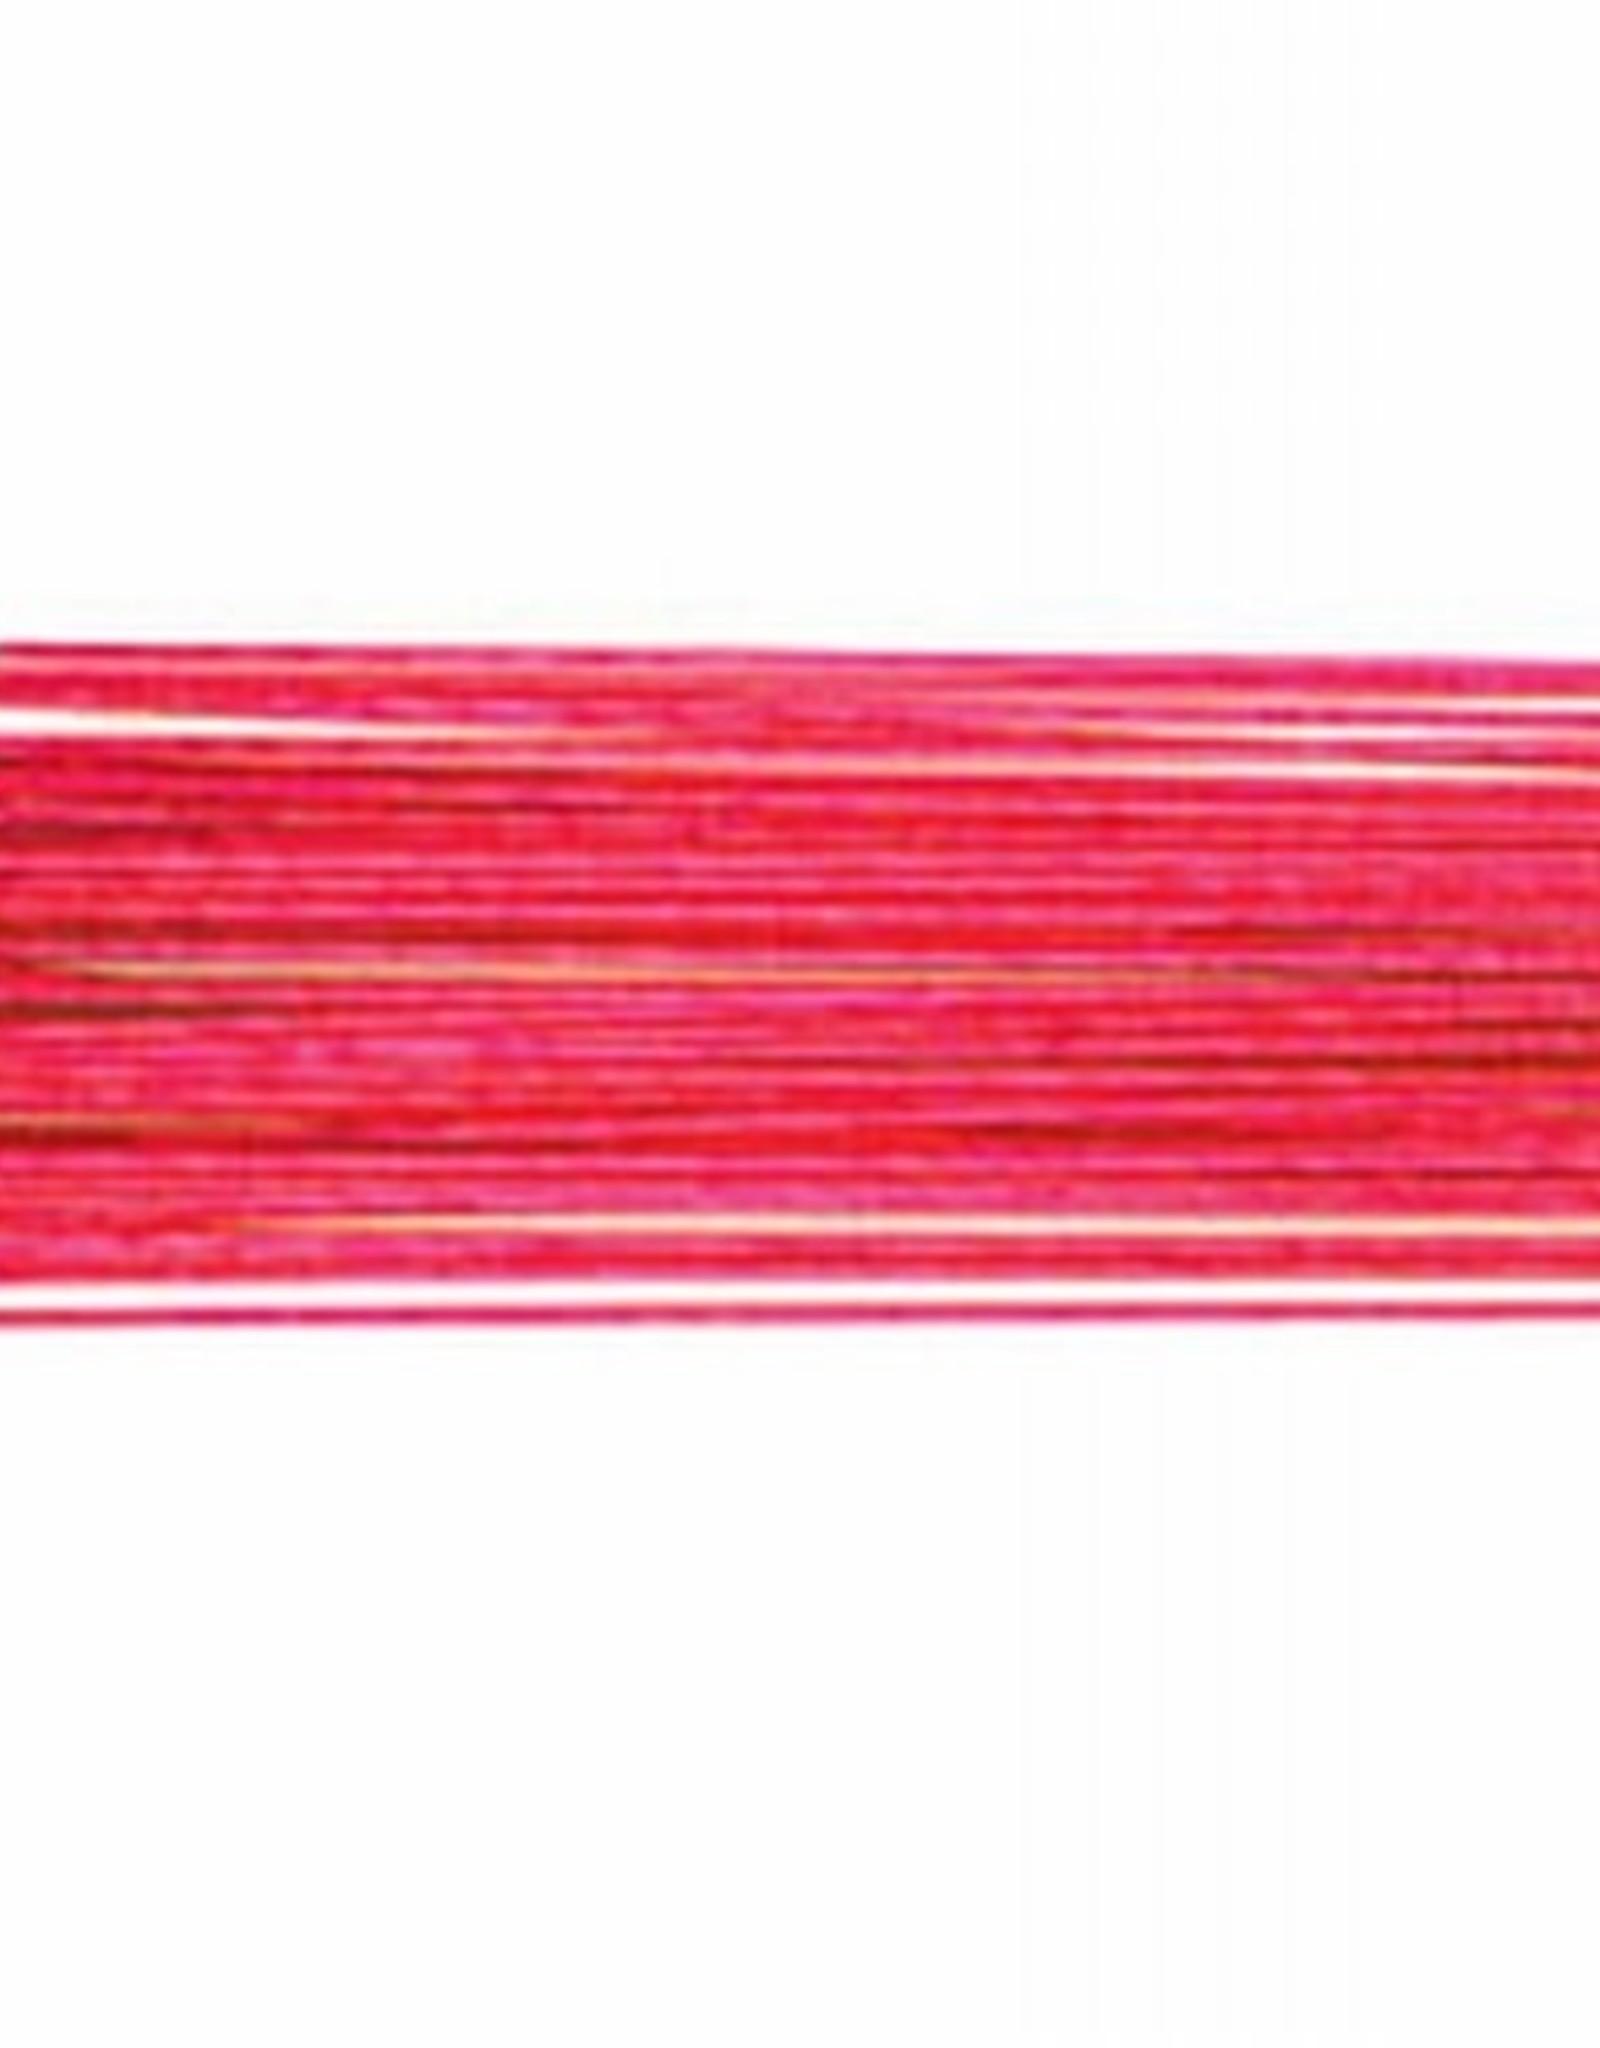 Culpitt Culpitt Floral Wire Metallic Bright Pink set/50 -24 gauge-